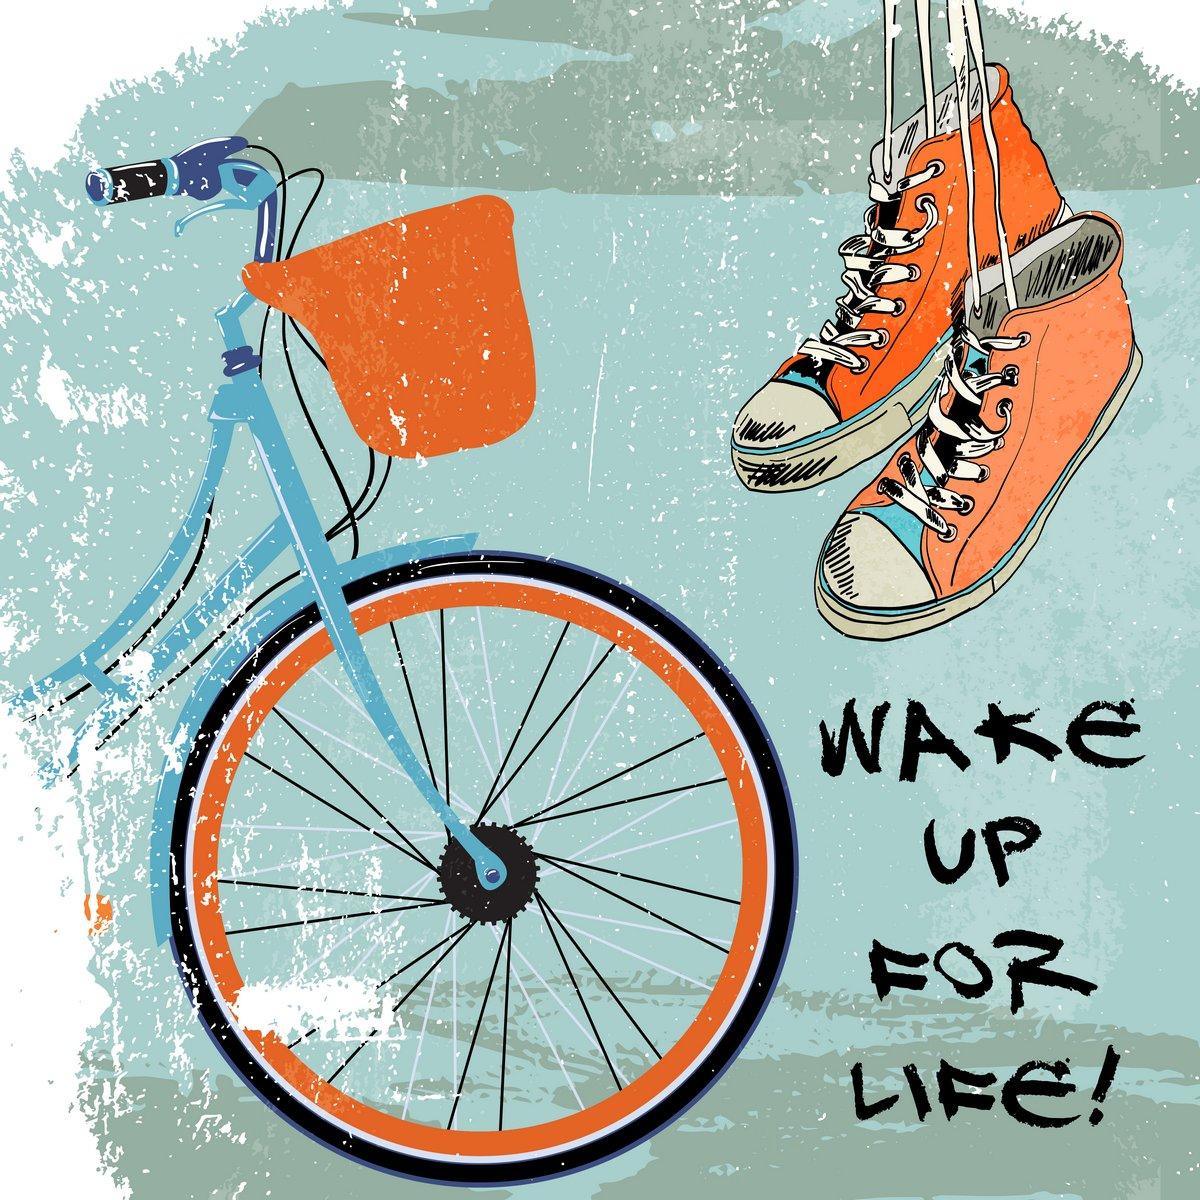 Постер-картина Мотивационный плакат Кеды эскиз велосипеда хипстерМотивационный плакат<br>Постер на холсте или бумаге. Любого нужного вам размера. В раме или без. Подвес в комплекте. Трехслойная надежная упаковка. Доставим в любую точку России. Вам осталось только повесить картину на стену!<br>